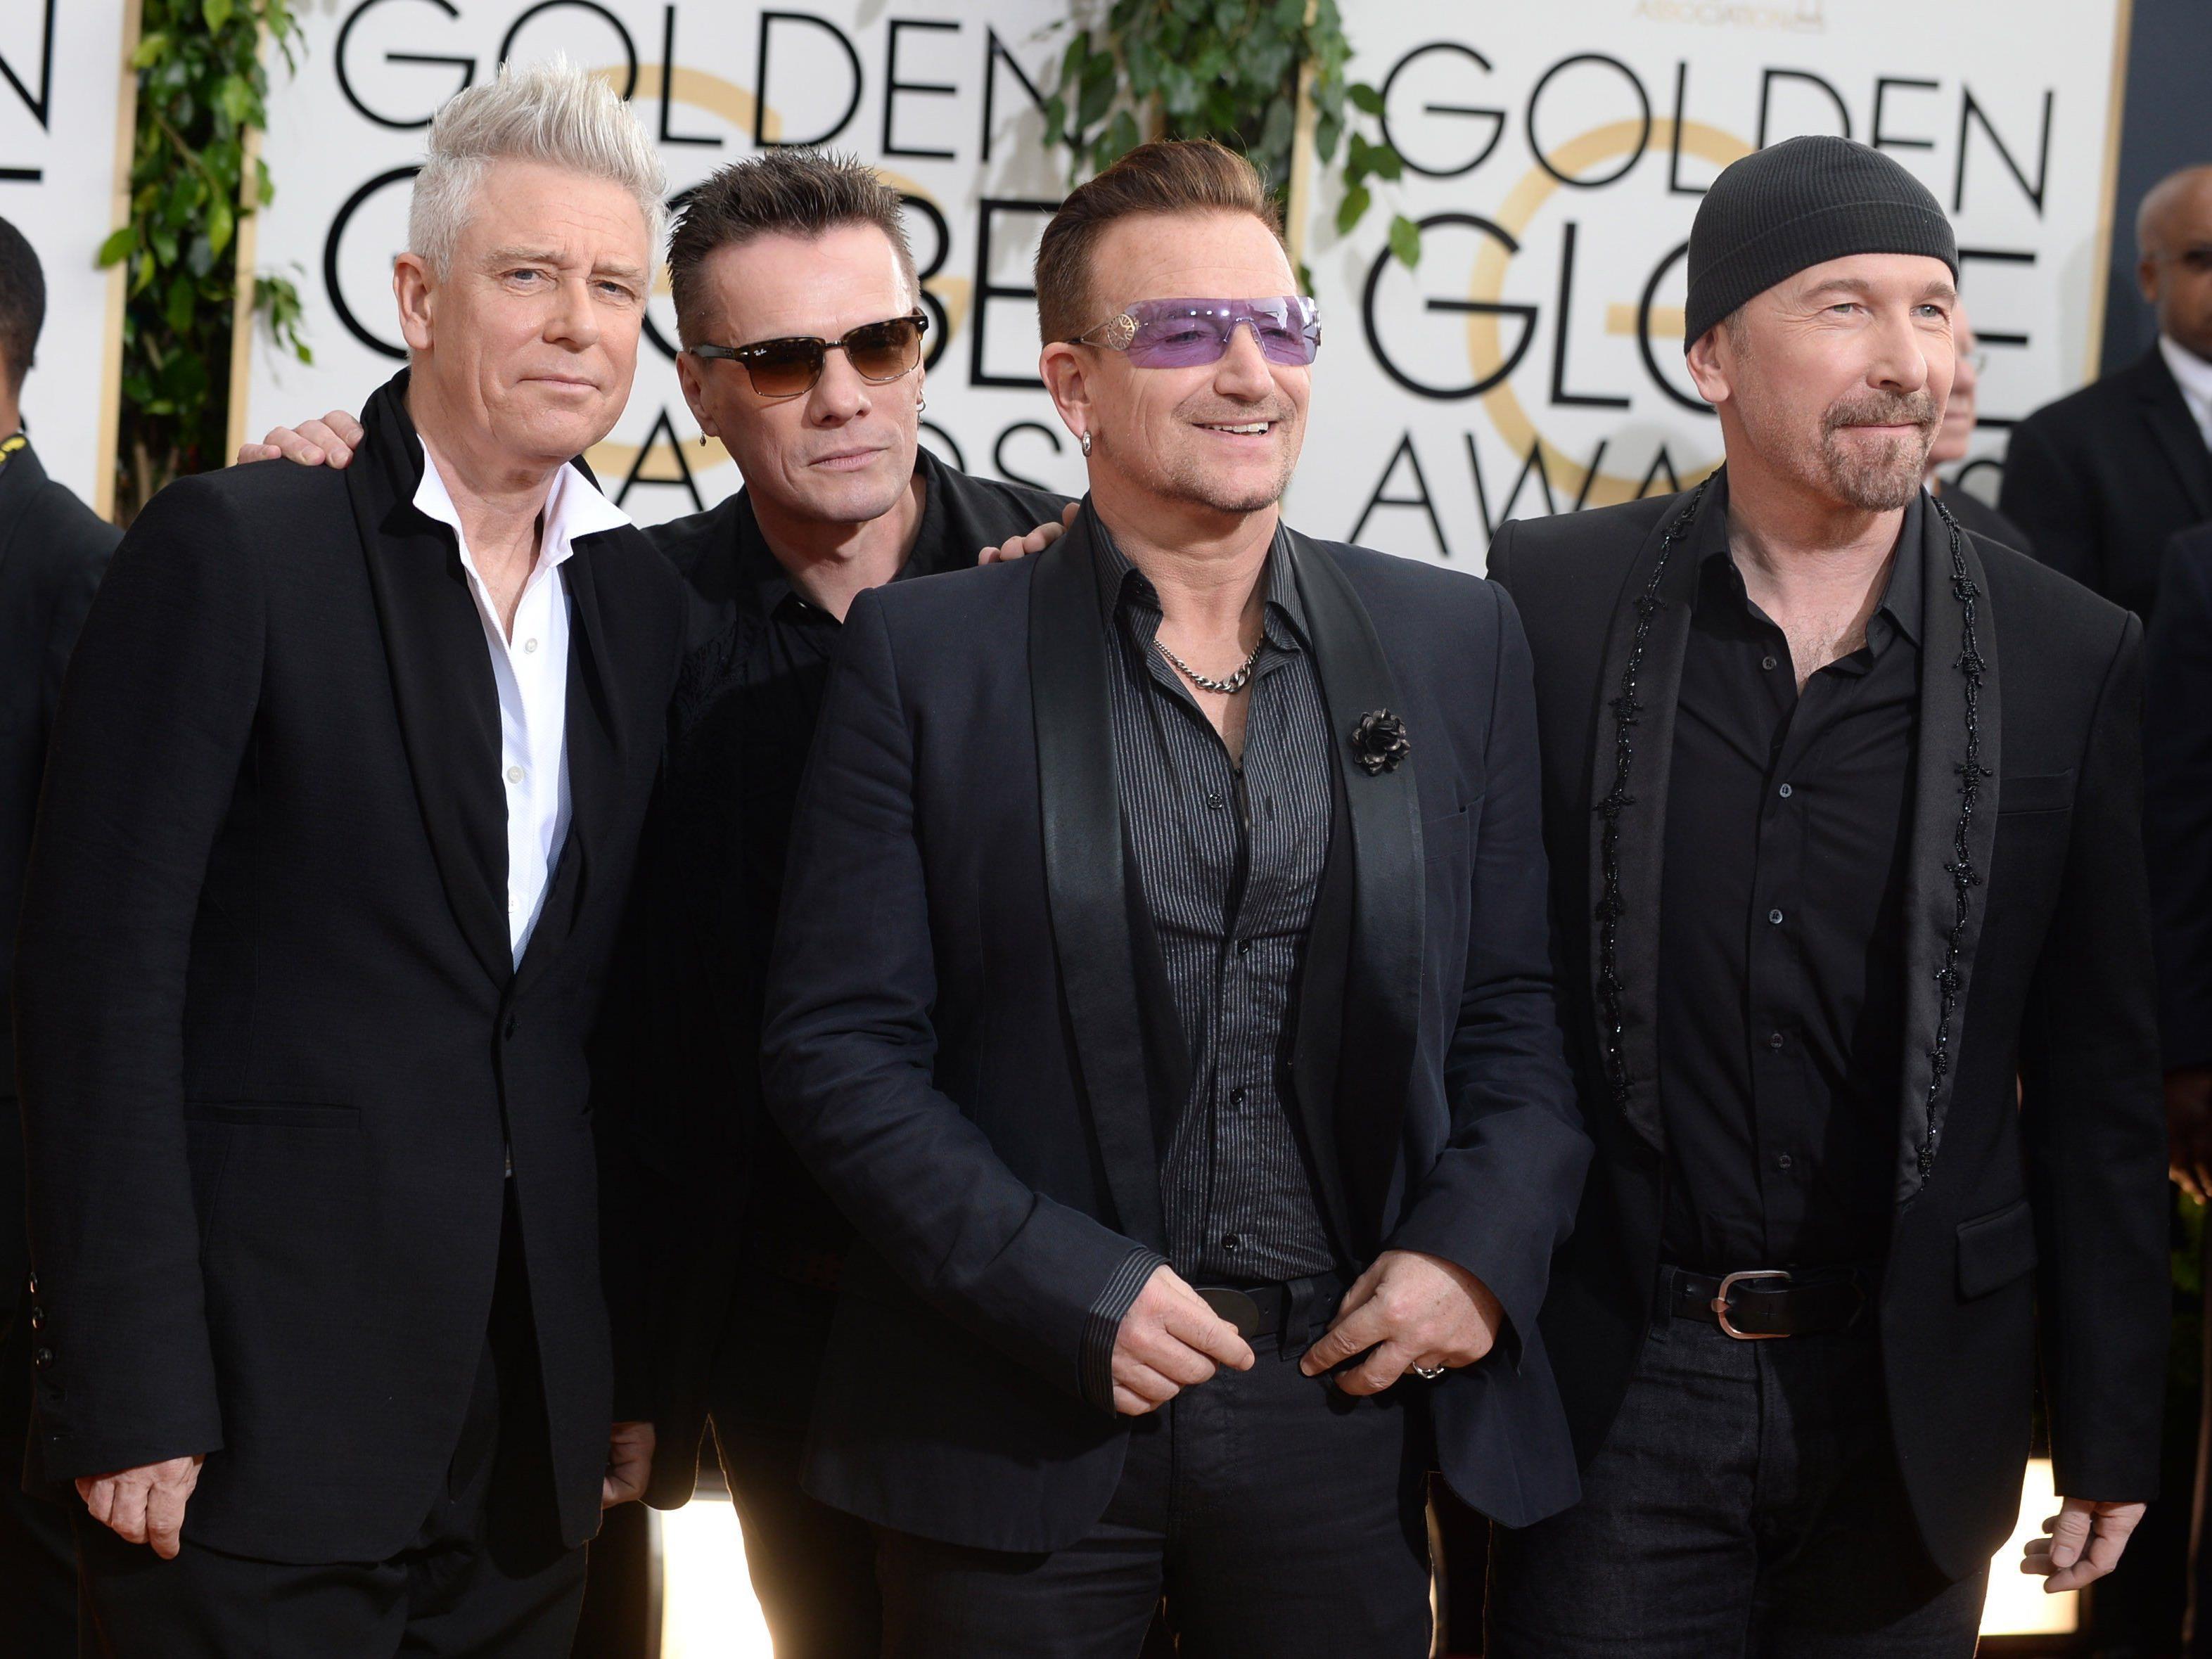 Das Geschenk von U2 kam nicht bei allen gut an.